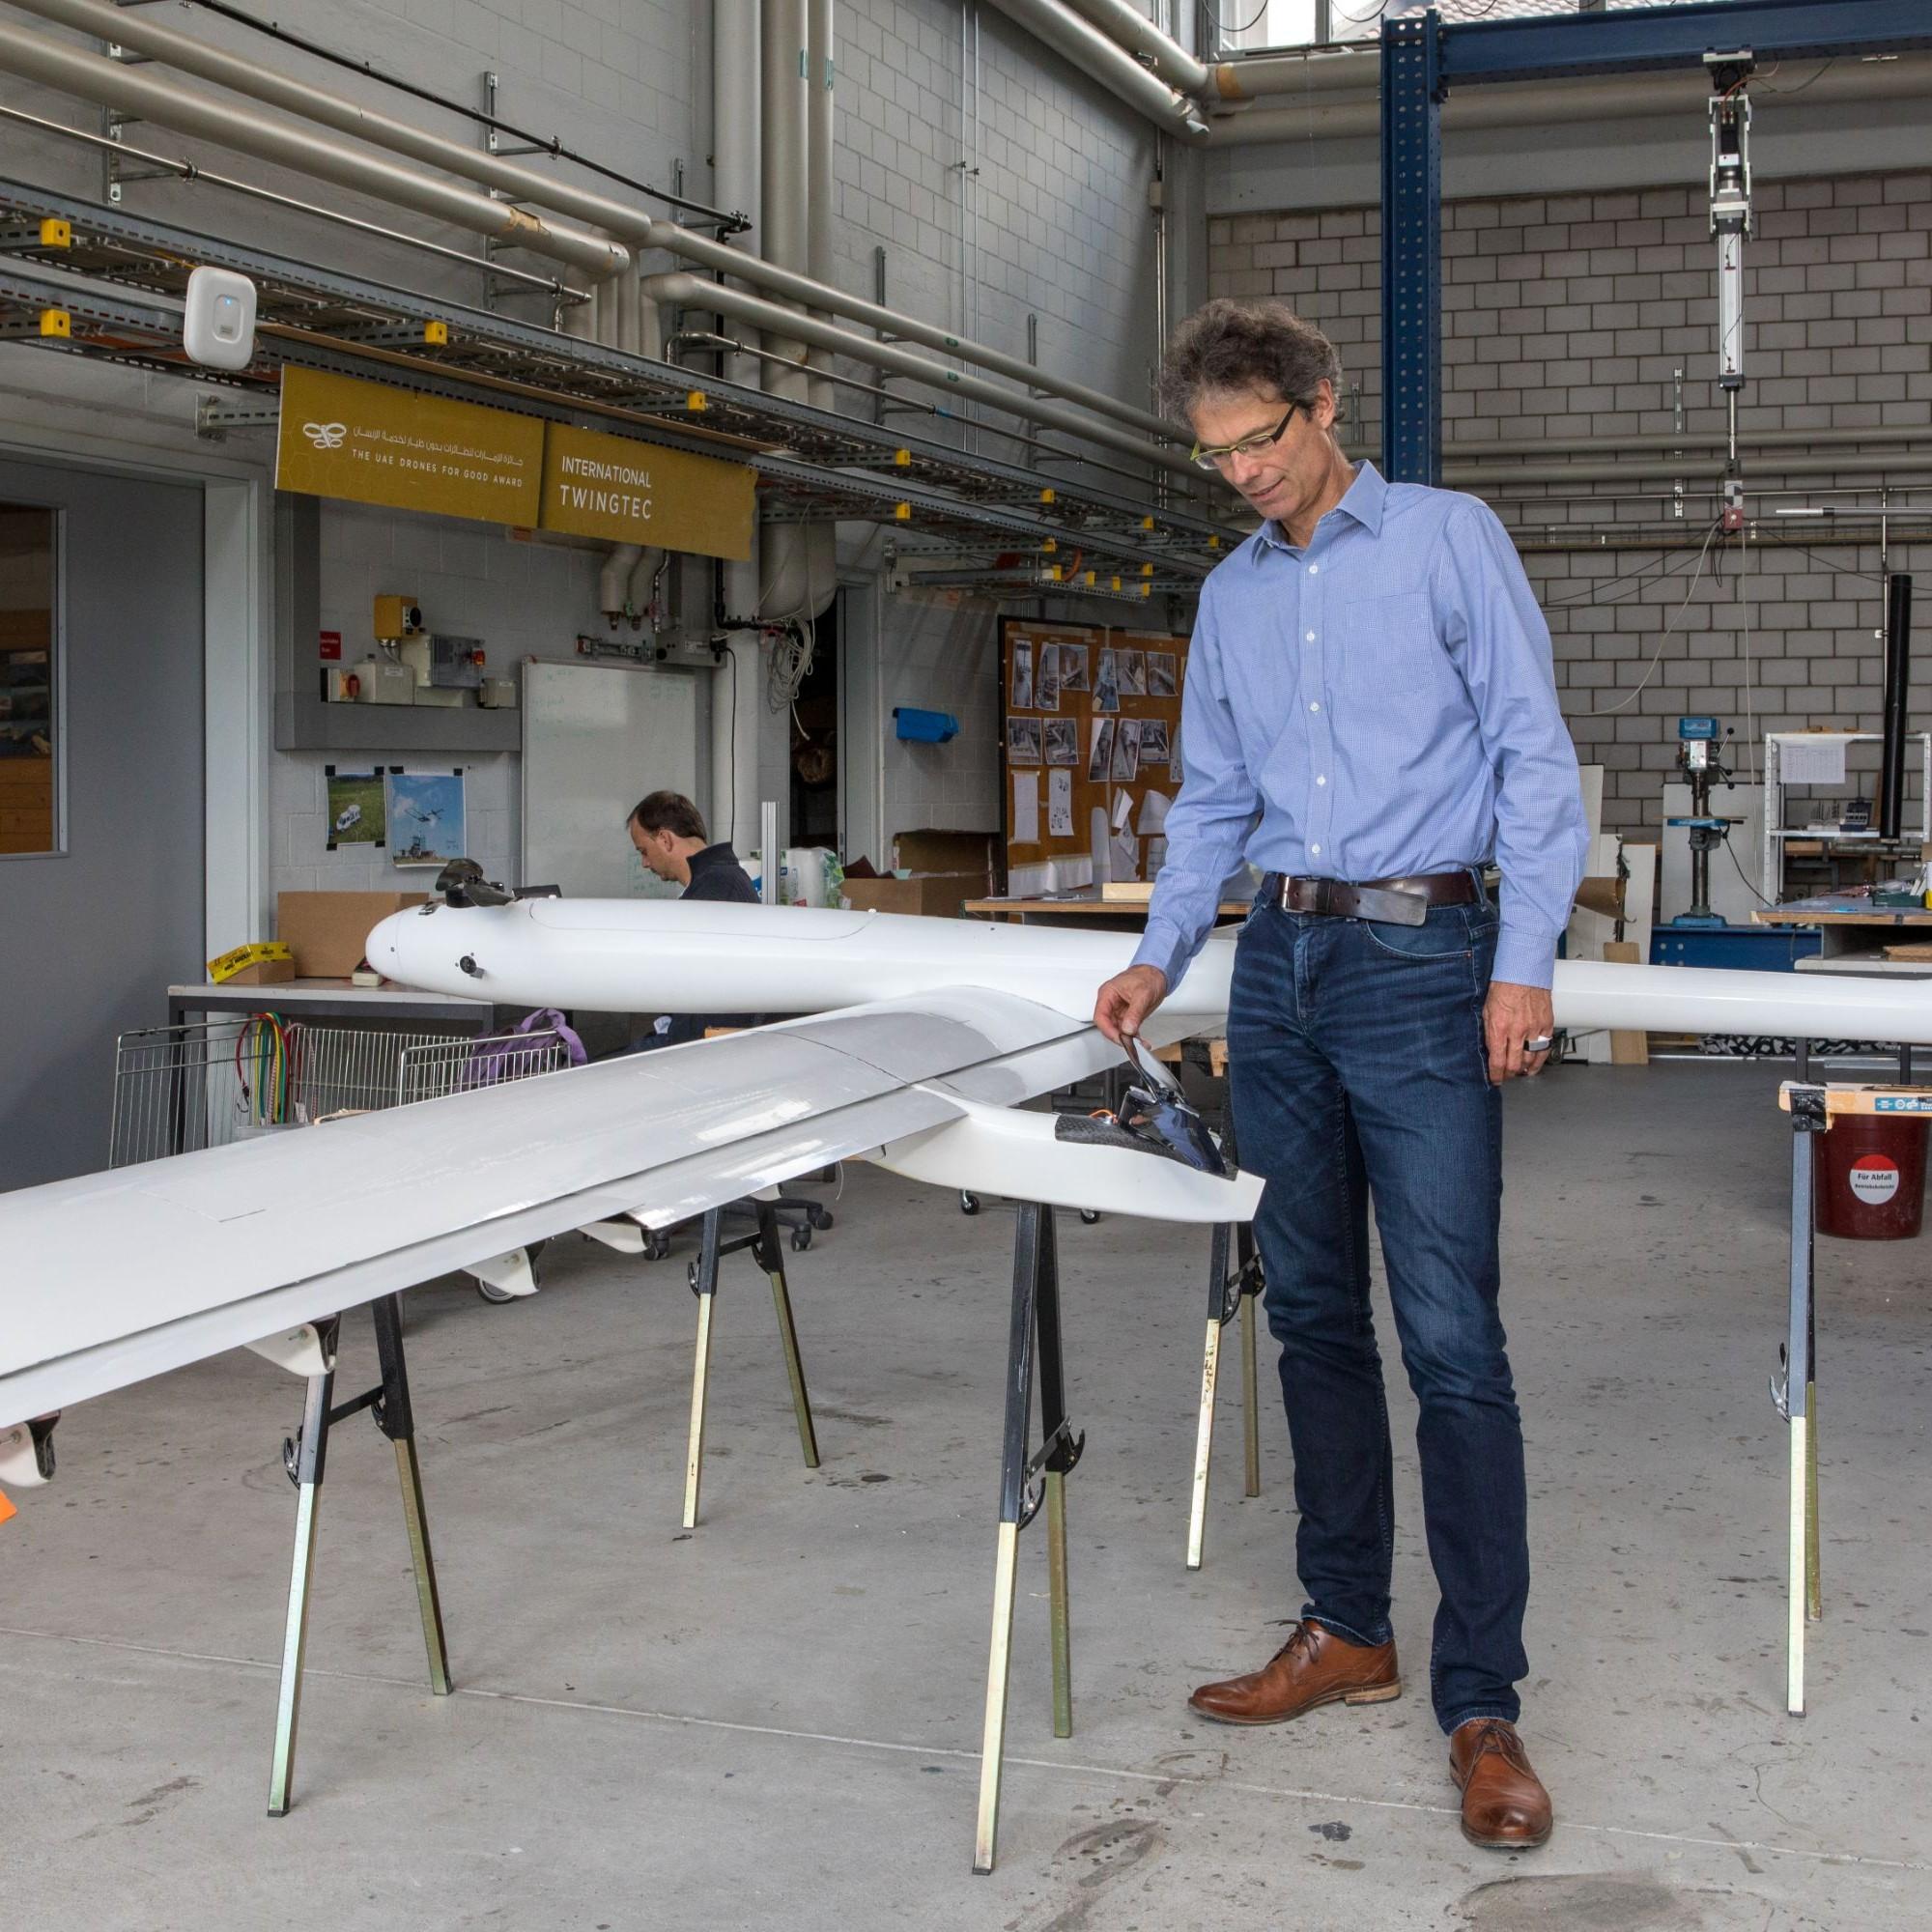 Rolf Luchsinger, CEO von TwingTec, neben Prototyp T 29, der erstmals Strom ins Netz speisen soll.